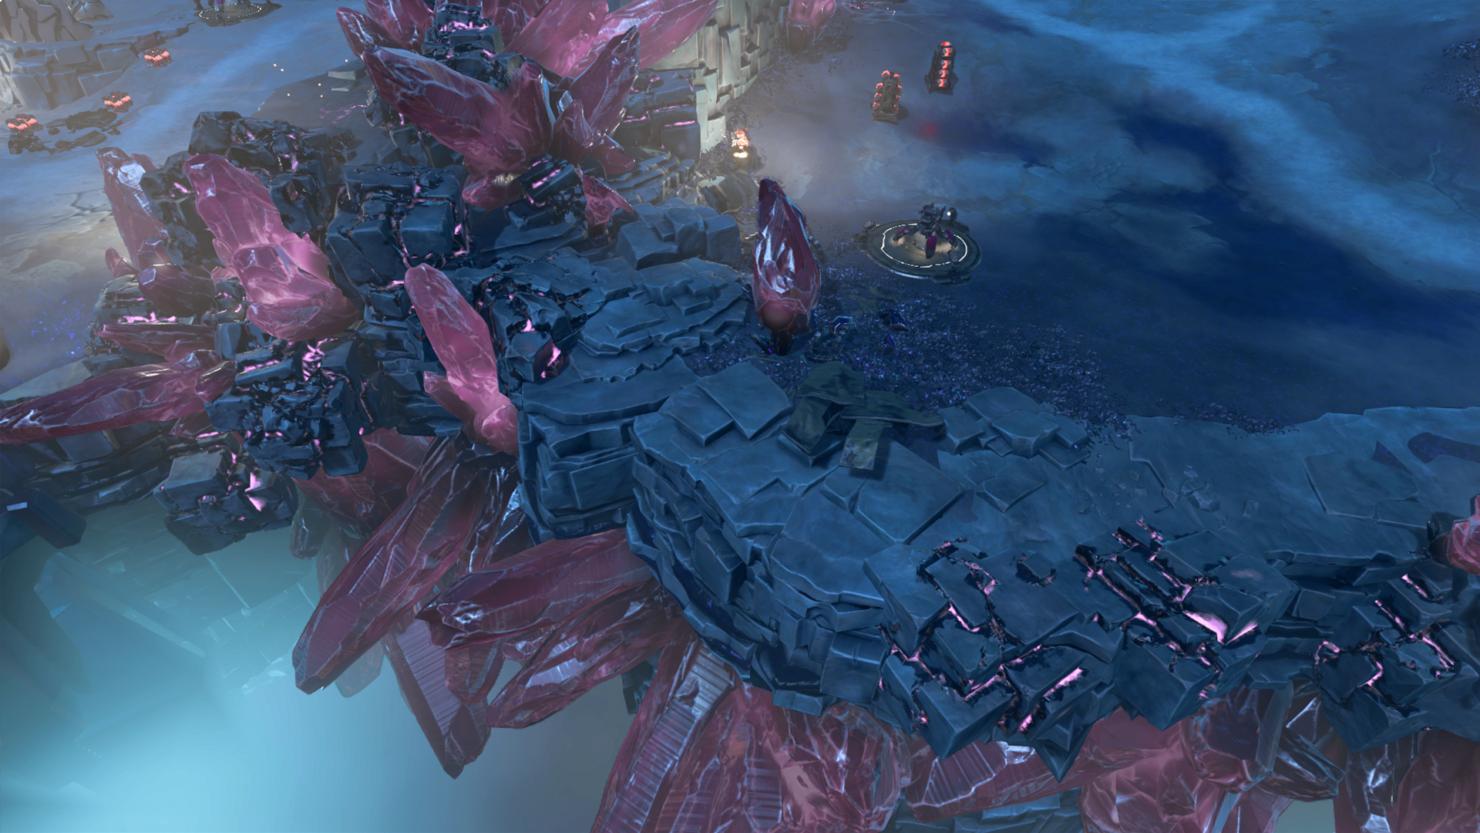 halo-wars-2-campaign-dark-cliffs-2